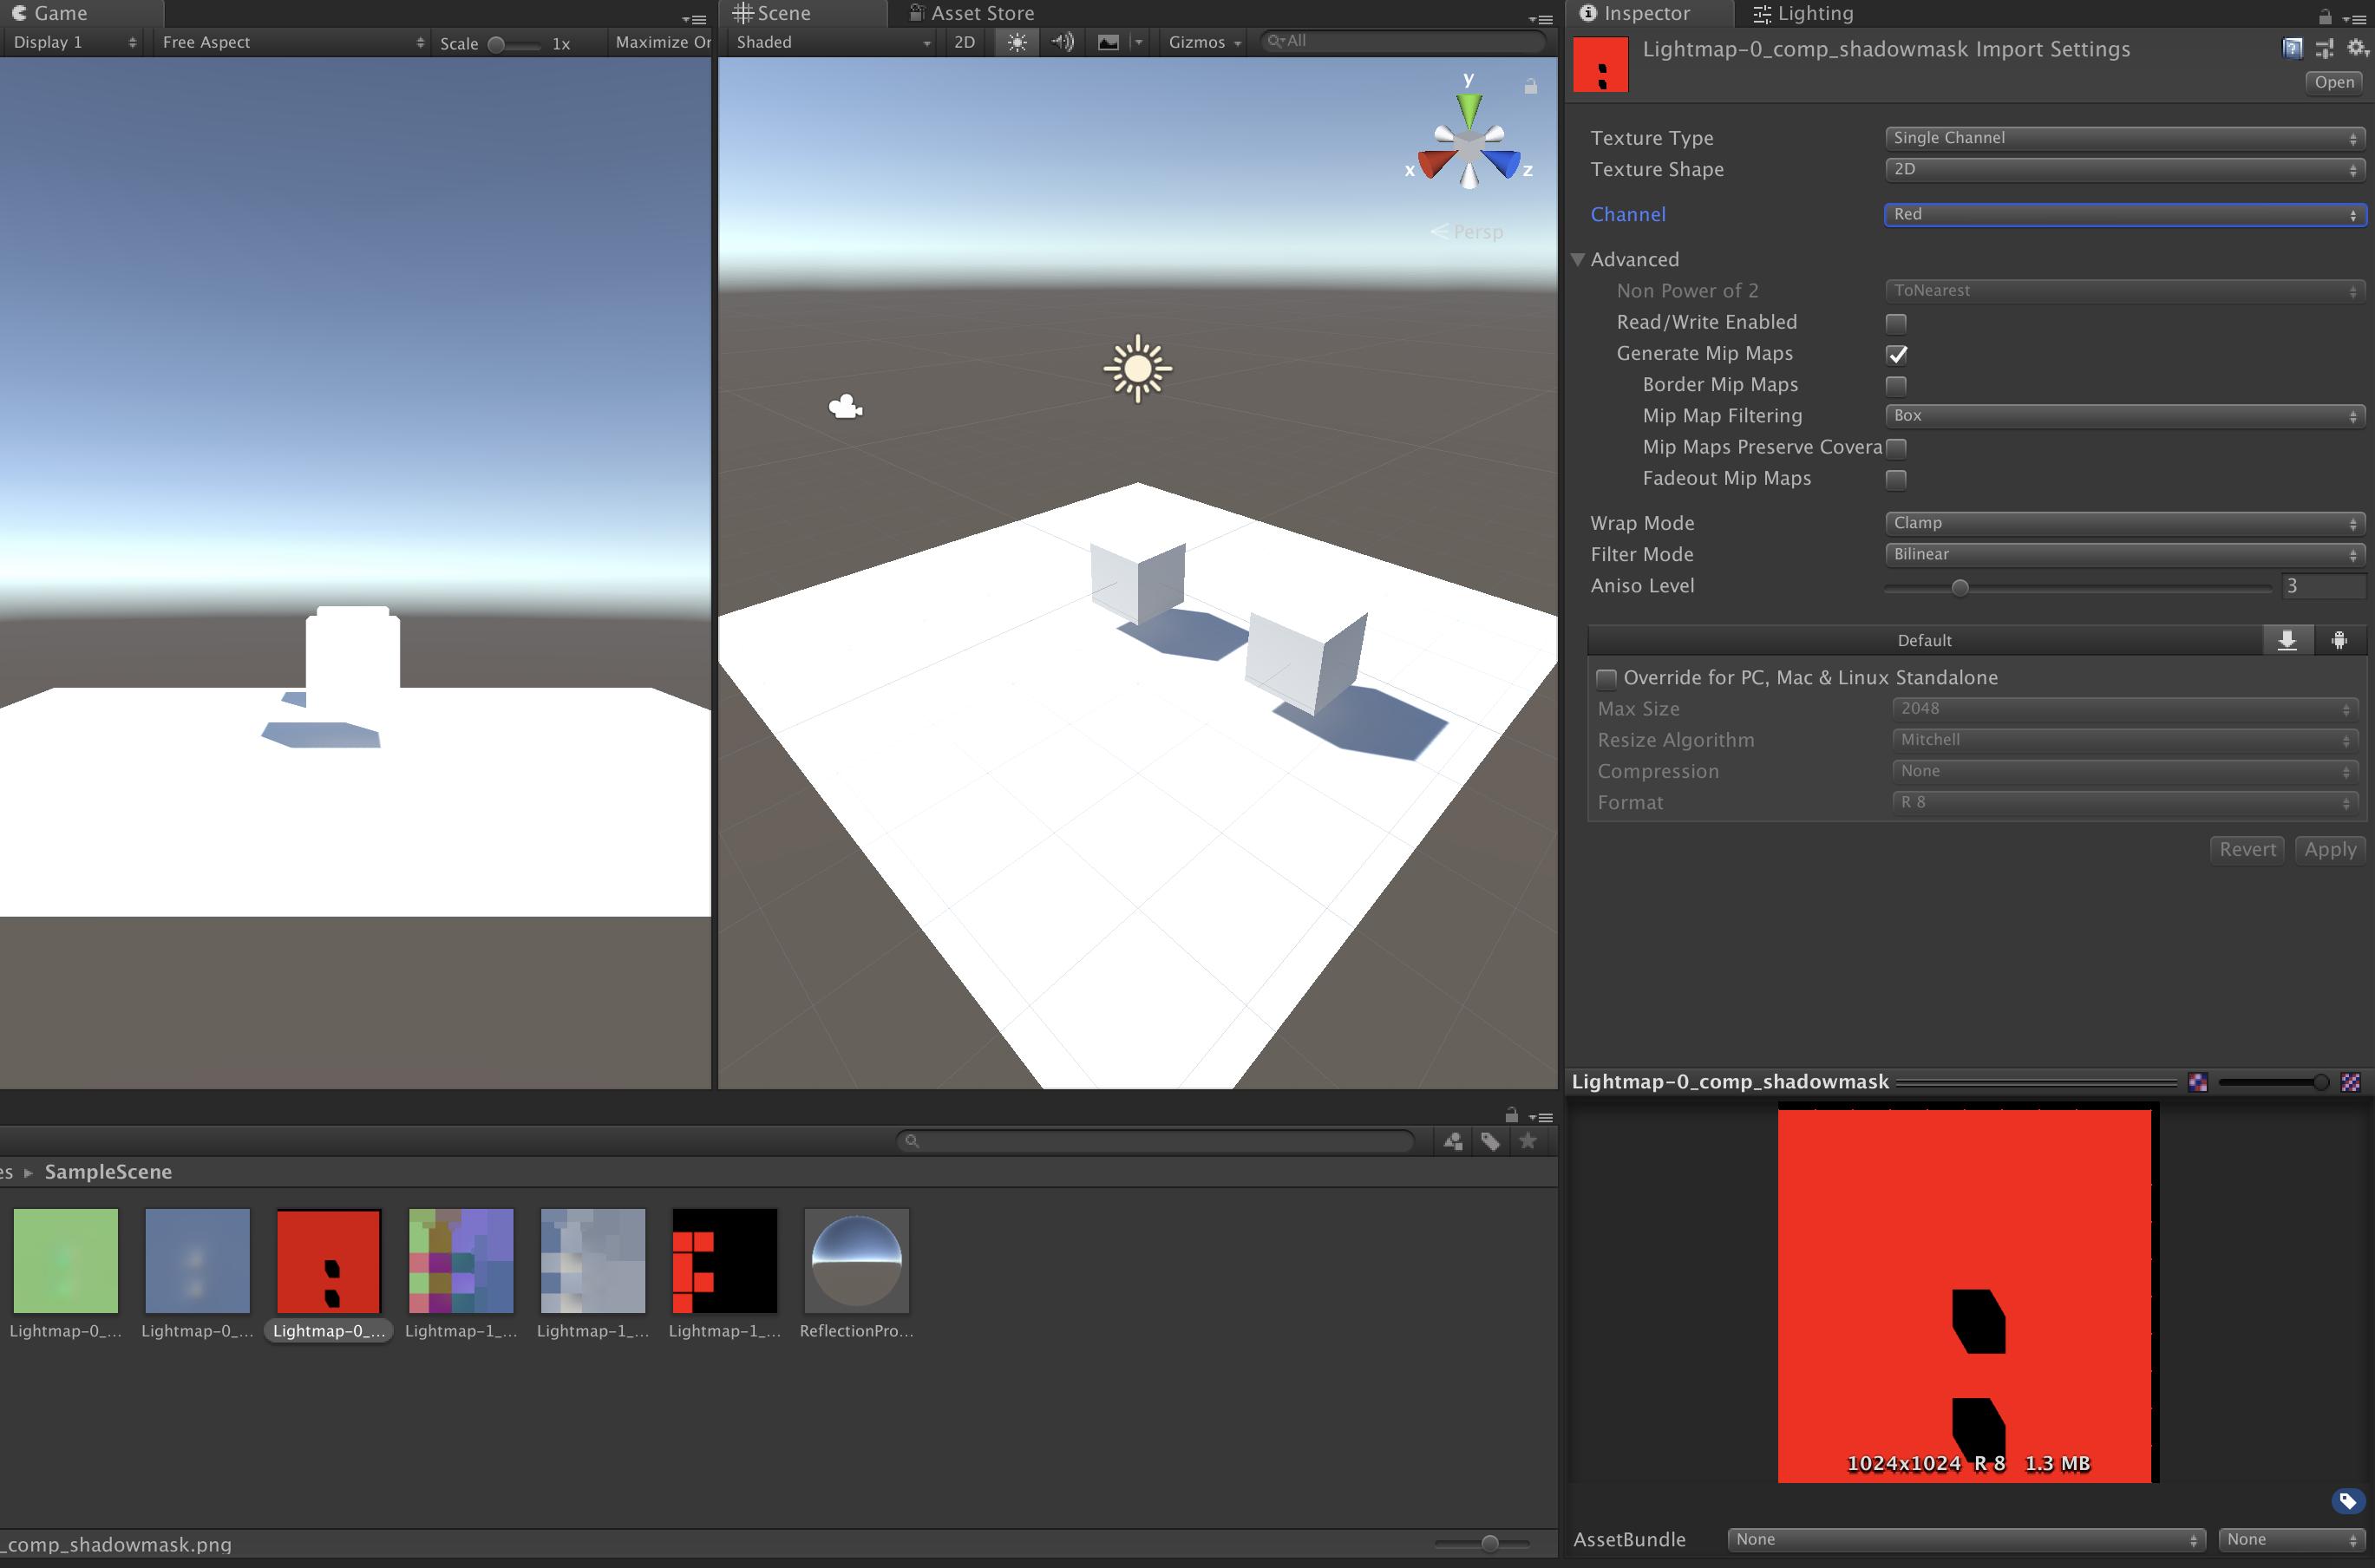 巧妙设置Texture Type,将ShadowMask内存占用变成之前的1/4